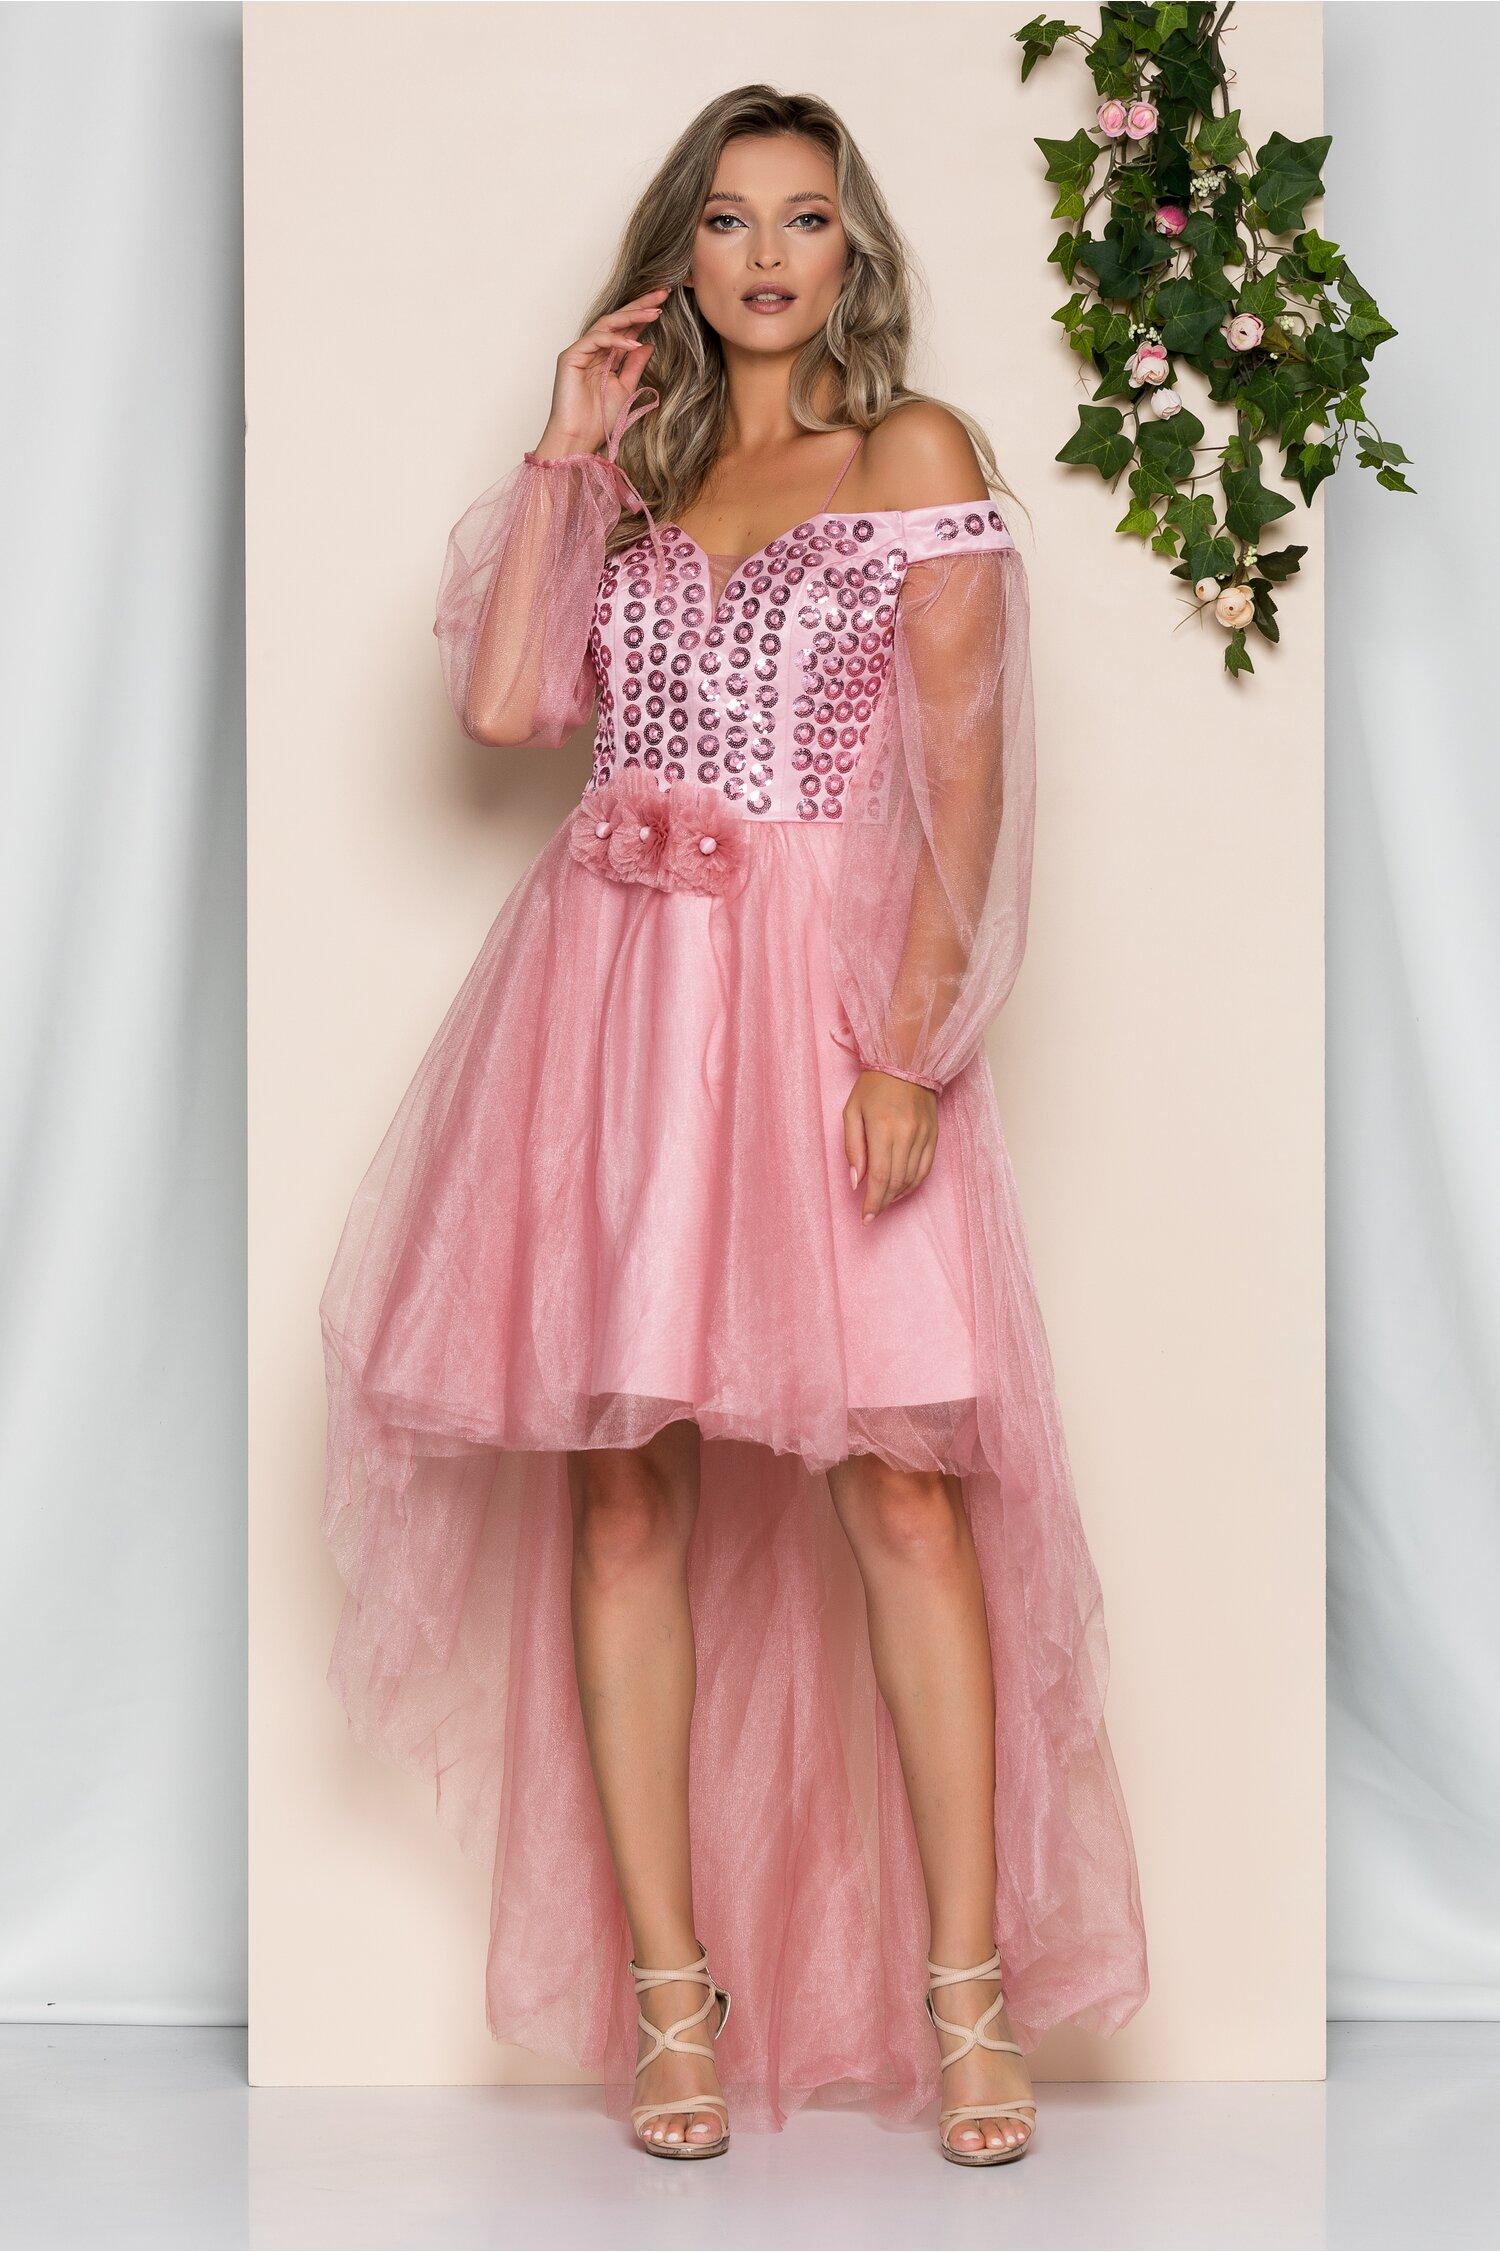 Rochie Lora roz din tulle cu decolteu en-coeur si paiete